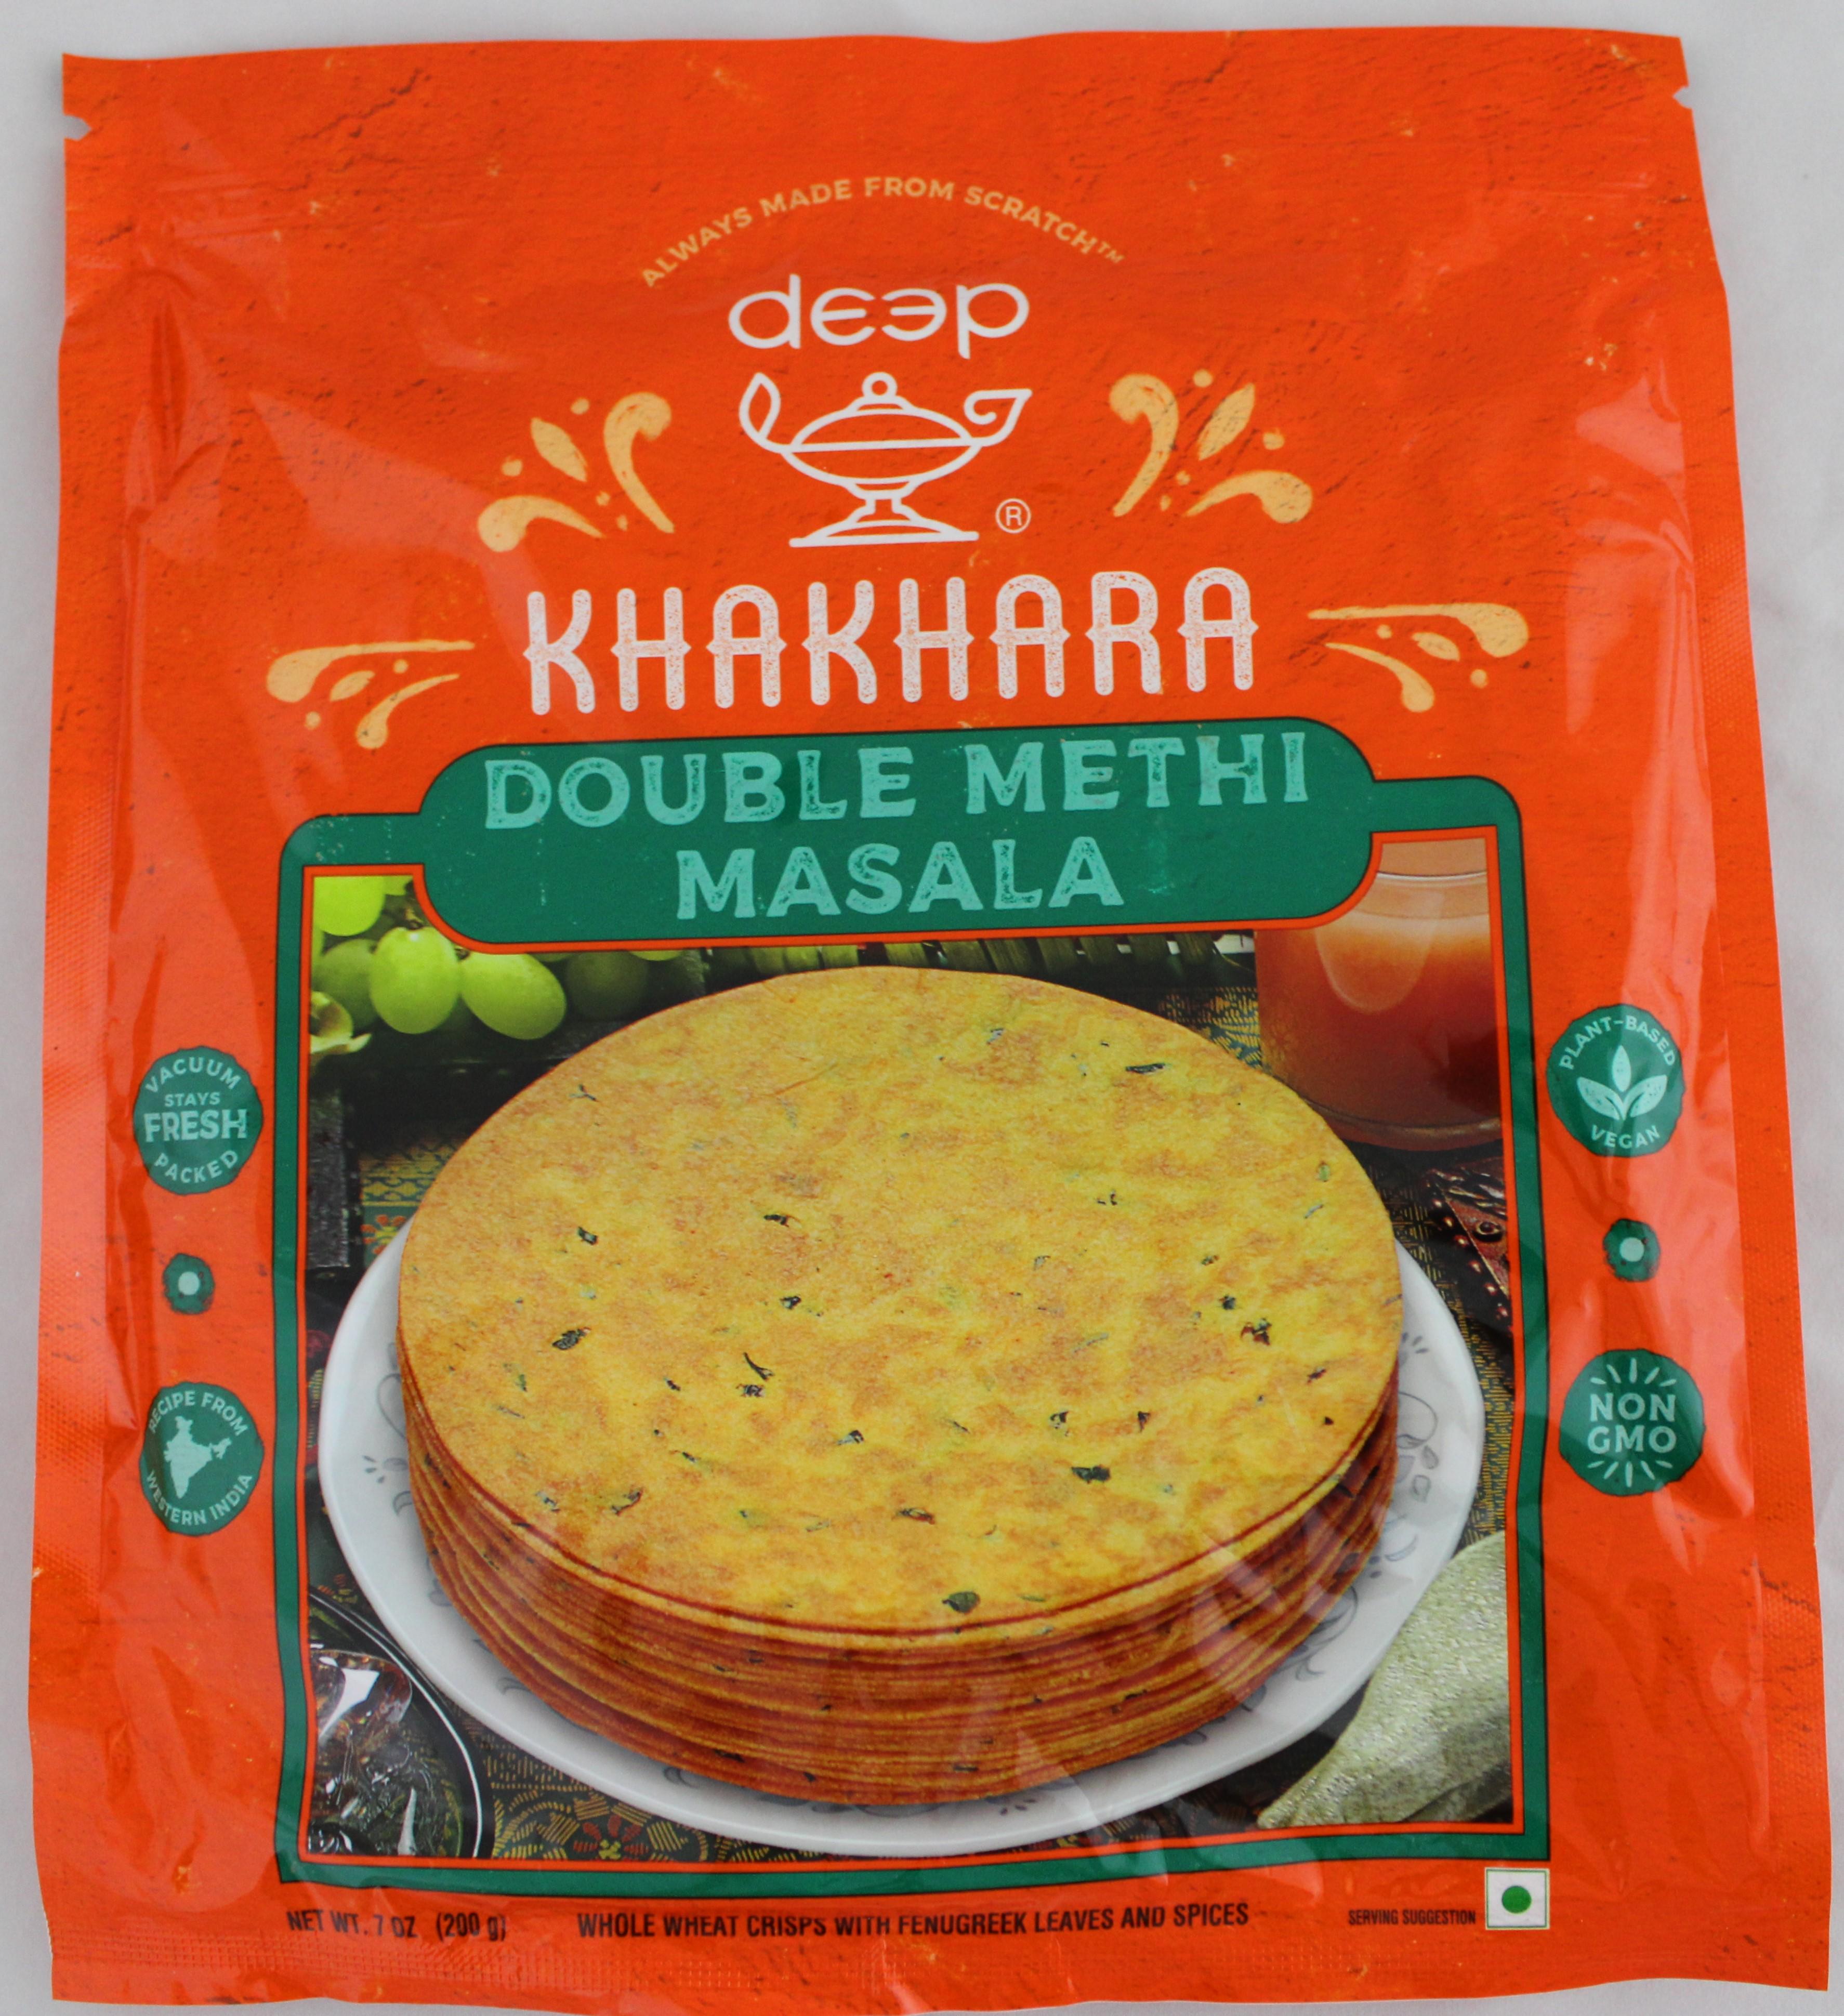 Indian Grocery - Double Methi Masala Khakhara 7oz